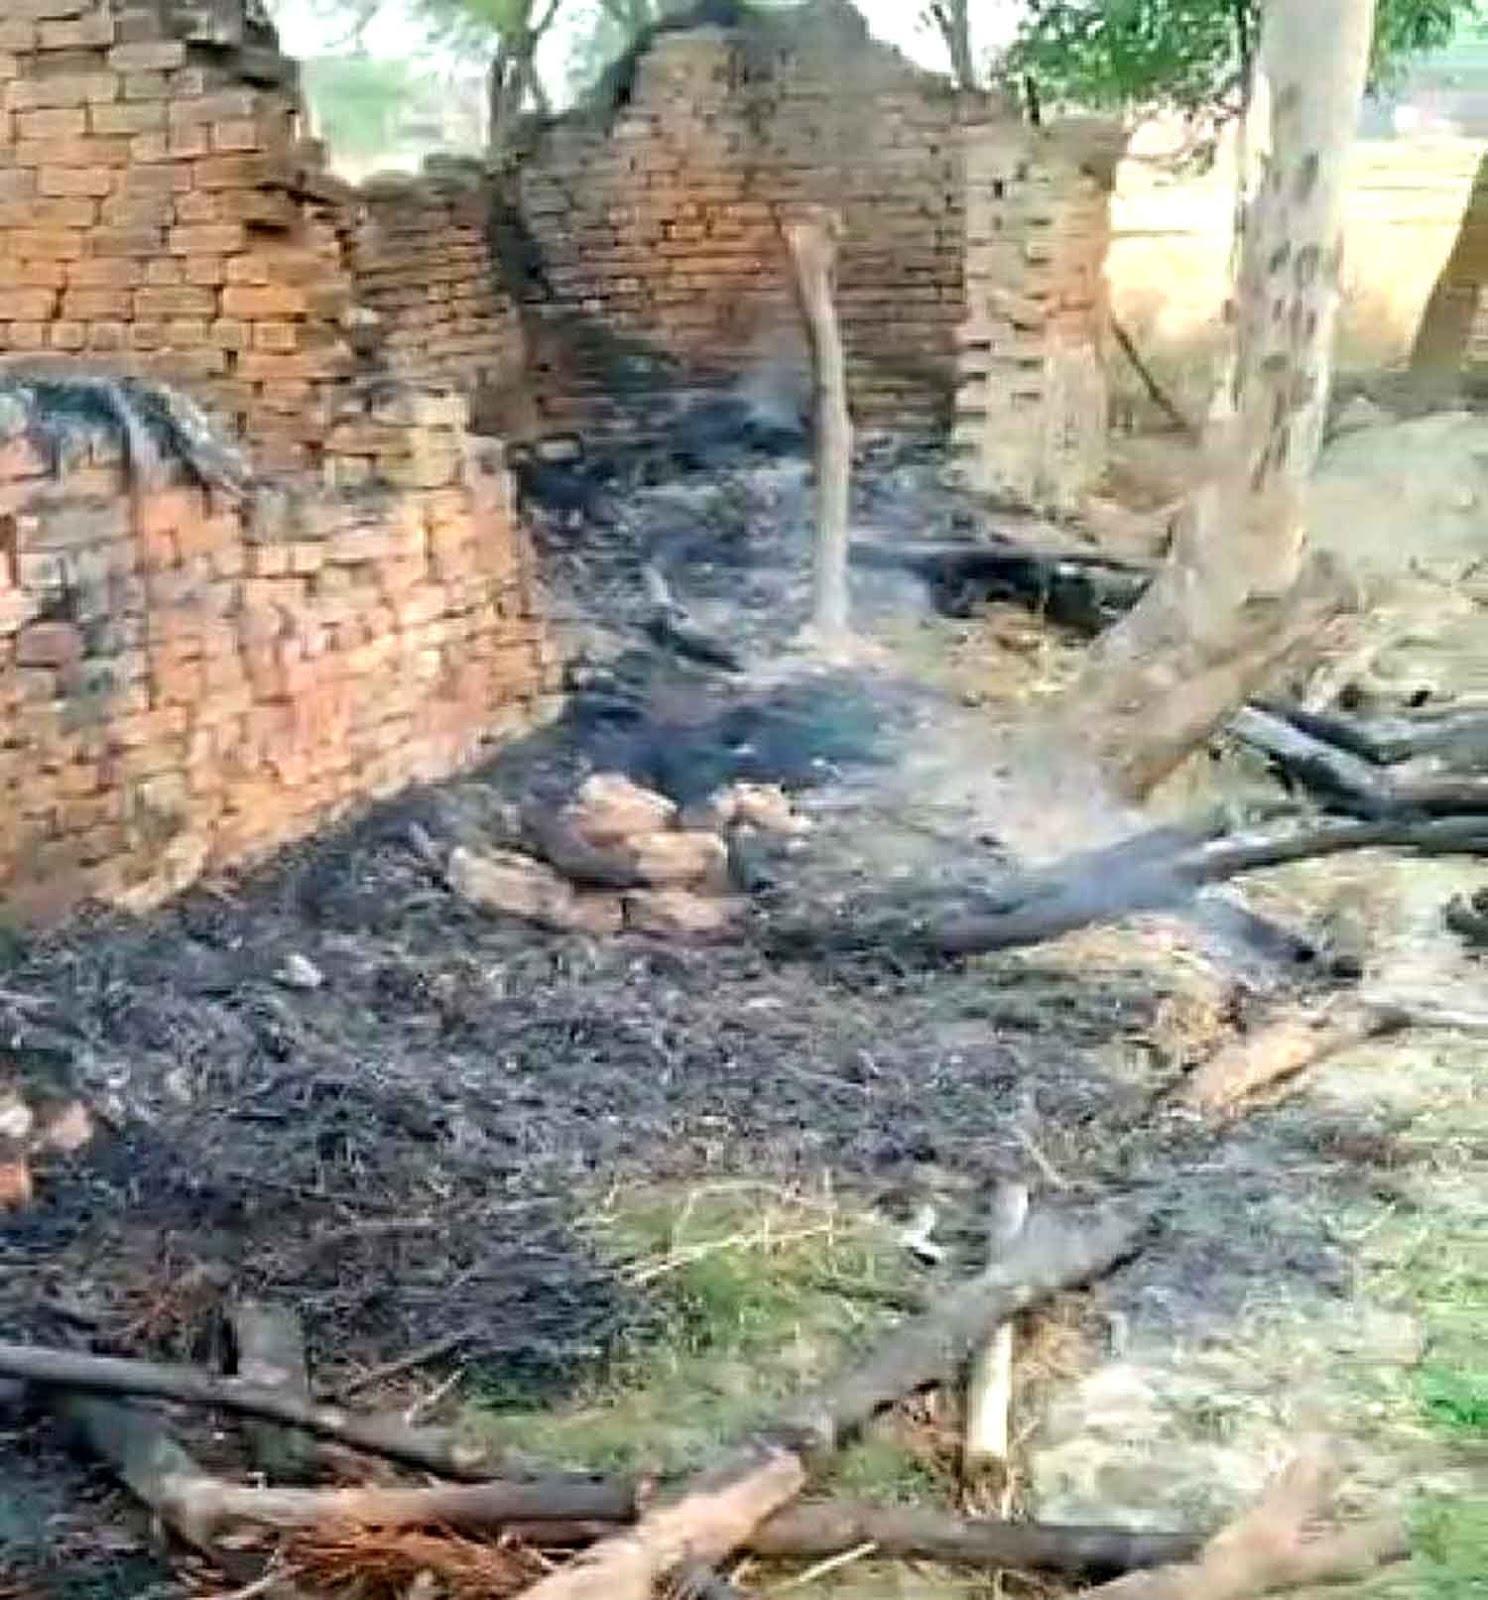 सौरभ सिंह जौनपुर। थाना क्षेत्र सिकरारा के गांव रइया, गुलजारगंज के प्रार्थी राम लखन पुत्र स्वर्गीय जोखन राम की सुबह  रिहायशी मड़ई में दबंगों ने आग लगा दी। अभी लोग कुछ समझ पाते तब तक आग ने विकराल रूप धारण कर लिया। इस दौरान अंदर गेहूँ, चावल सरसों आलू कपड़ा सबकुछ राख हो गया। जानकारी के अनुसार सिकरारा थाने पर दिये प्रार्थना पत्र में प्रार्थी ने बताया कि वह रामलखन पुत्र स्वर्गीय जोखन राम ग्राम रईया पोस्ट गुलजारगंज थाना सिकरारा का निवासी है। गांव के ही सामान्य जाति के सनी व सुमित तिवारी जो जमीन संबंधित प्रकरण को लेकर रंजीस रखते हैं। वह 20 अप्रैल की रात करीब 3 बजे आए और प्रार्थी के रिहायशी मड़हे में आग लगा दिए जिससे पीड़ित का रखा हुआ गेहूं, चावल, सरसों, आलू, कपड़ा राख हो गया। प्रार्थी जलते हुए आग की रोशनी में दोनों व्यक्ति को पहचान लिया। प्रार्थी ने उक्त खिलाफ तहरीर देते हुए कार्रवाई की मांग किया, लेकिन घटना के तीन दिन बीत जाने के बाद भी पुलिस कोई ठोस कार्रवाई नहीं की।